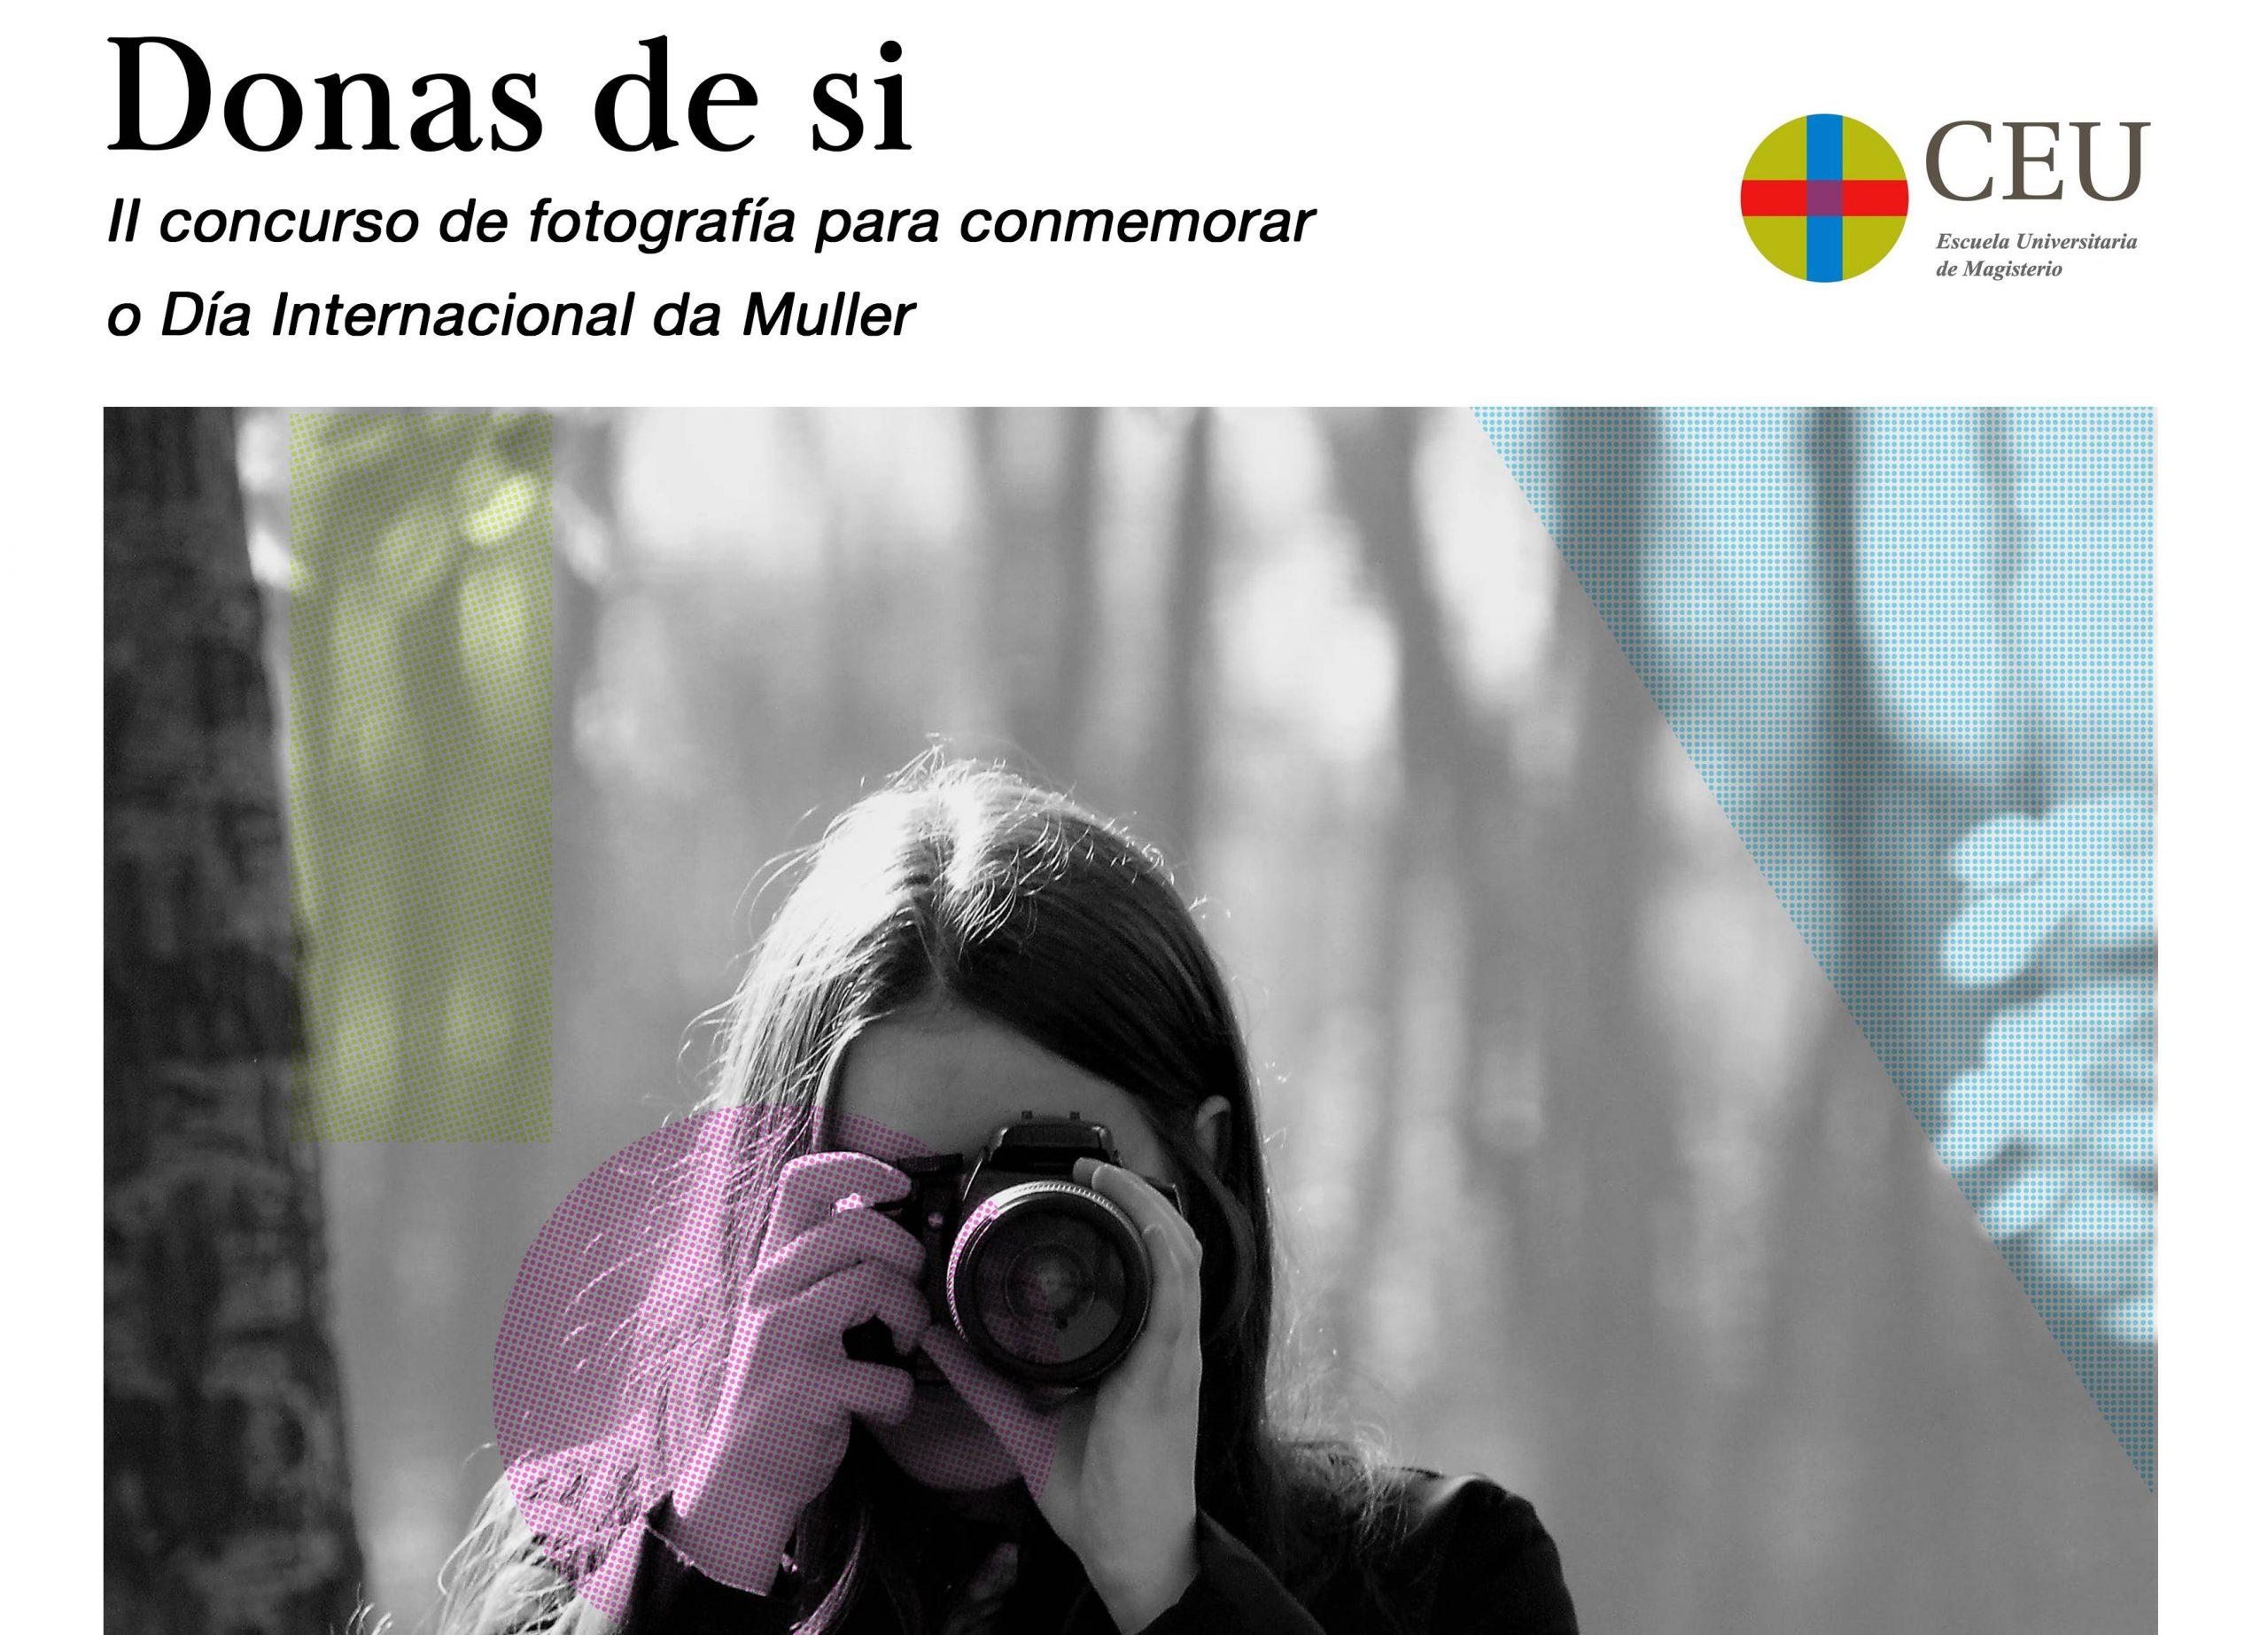 O II concurso fotográfico «Donas de sí» xa ten gañadores